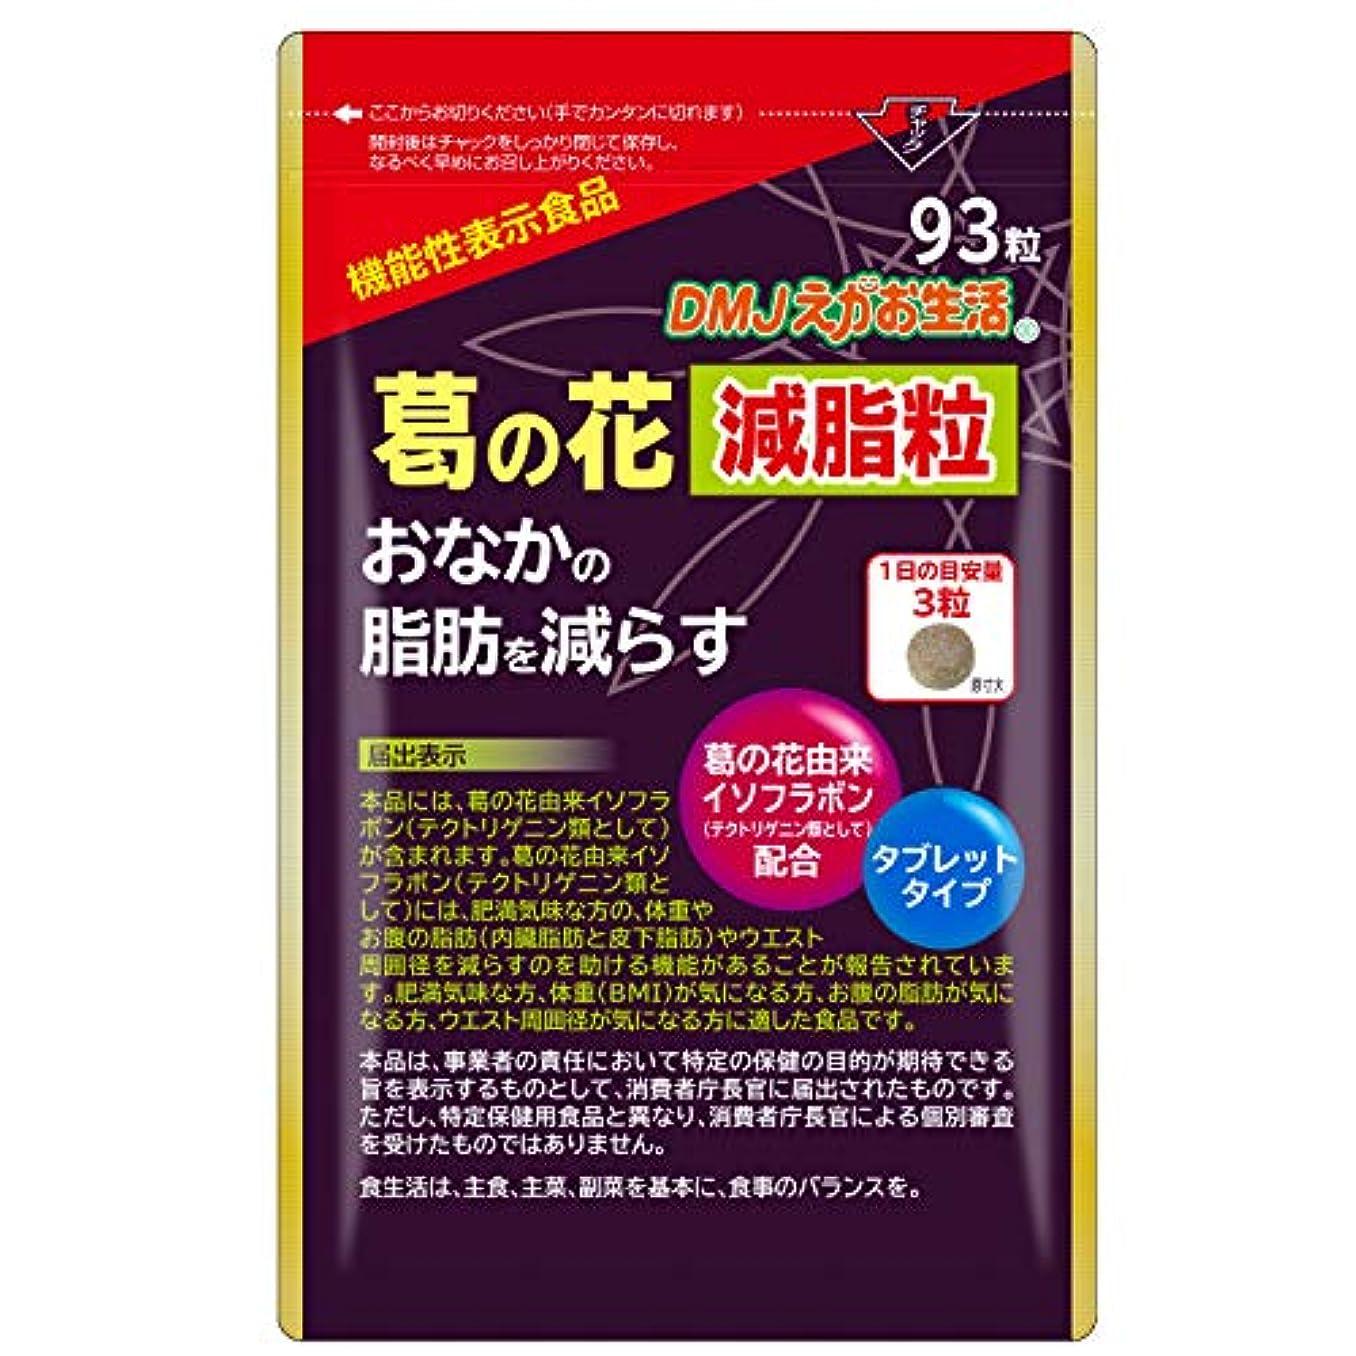 サーバント塊エステート葛の花減脂粒 [体重ケア サプリメント/DMJえがお生活] 葛の花イソフラボン含有 内臓脂肪 (機能性表示食品) 肥満 日本製 31日分